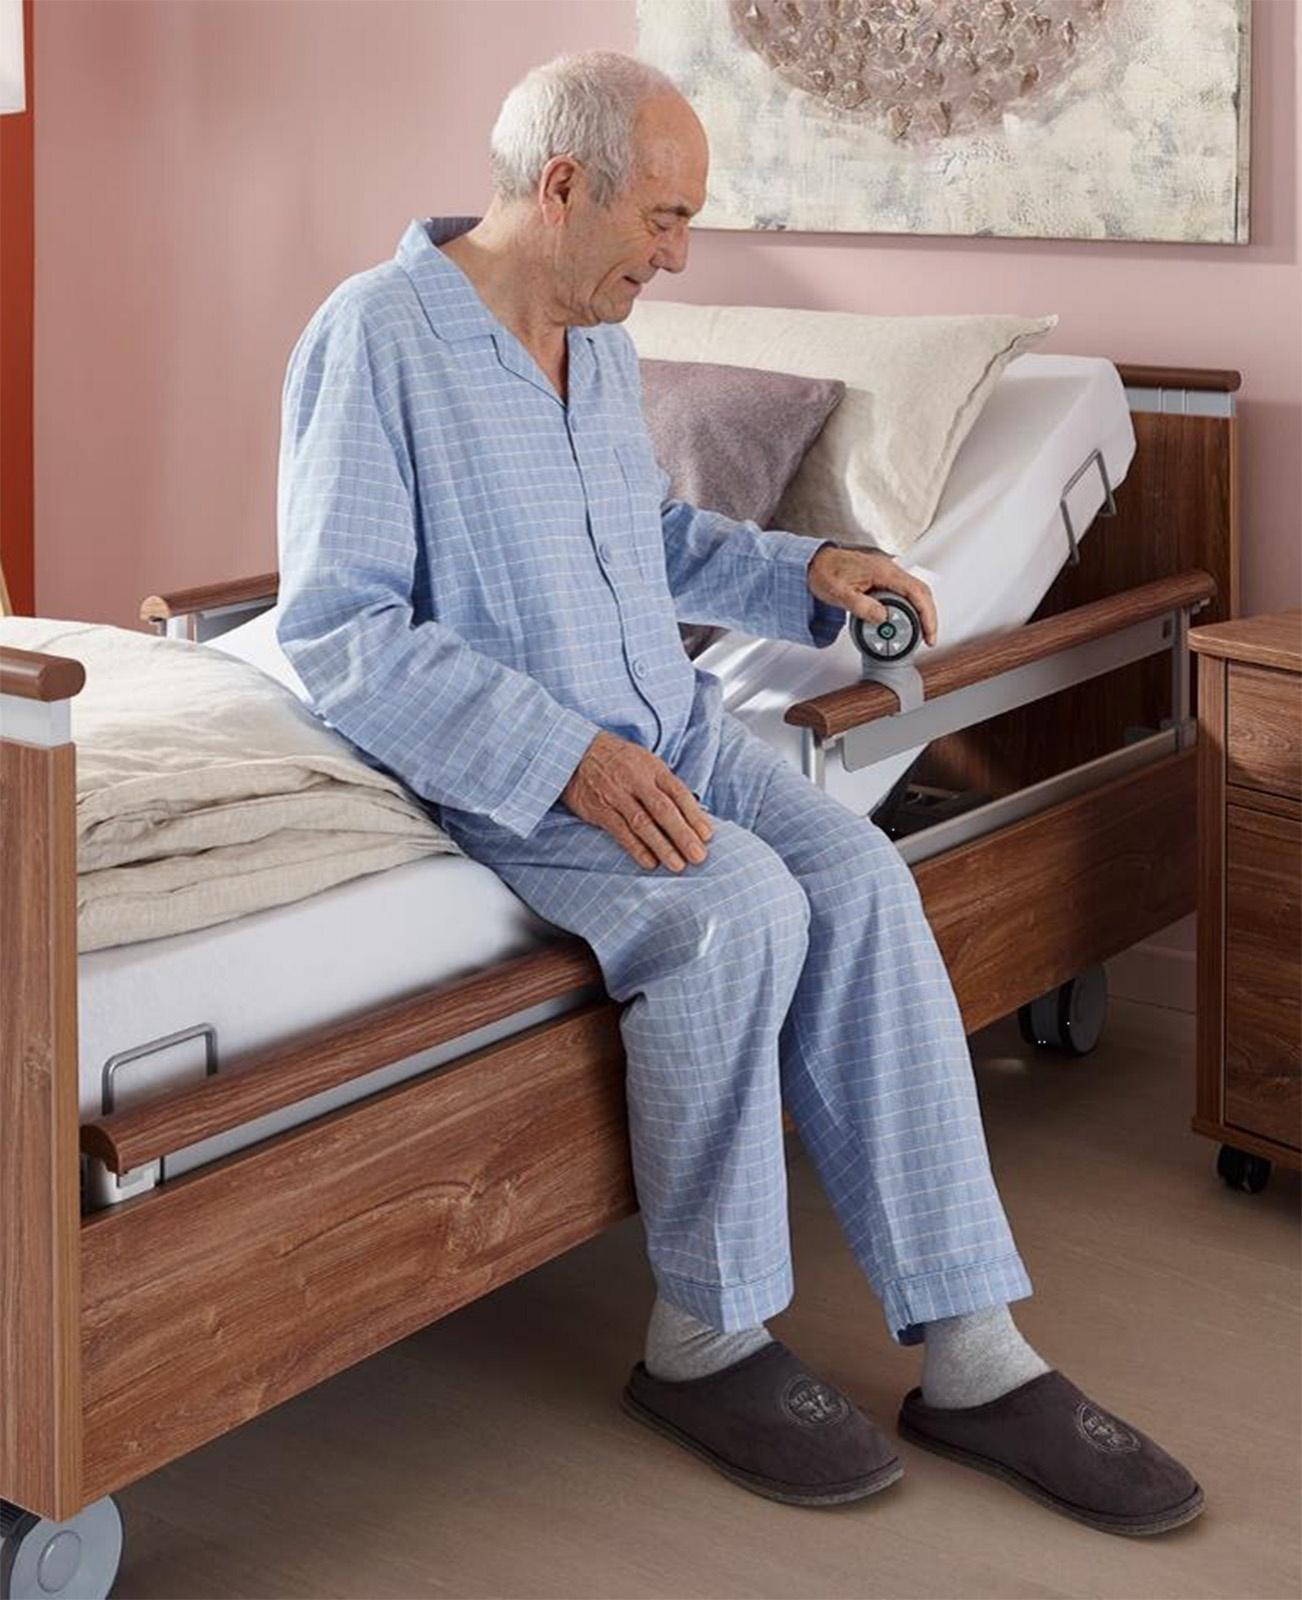 Mann hockt auf der Bettkante des Niedrigpflegebetts und bedient den SafeLift-Controller